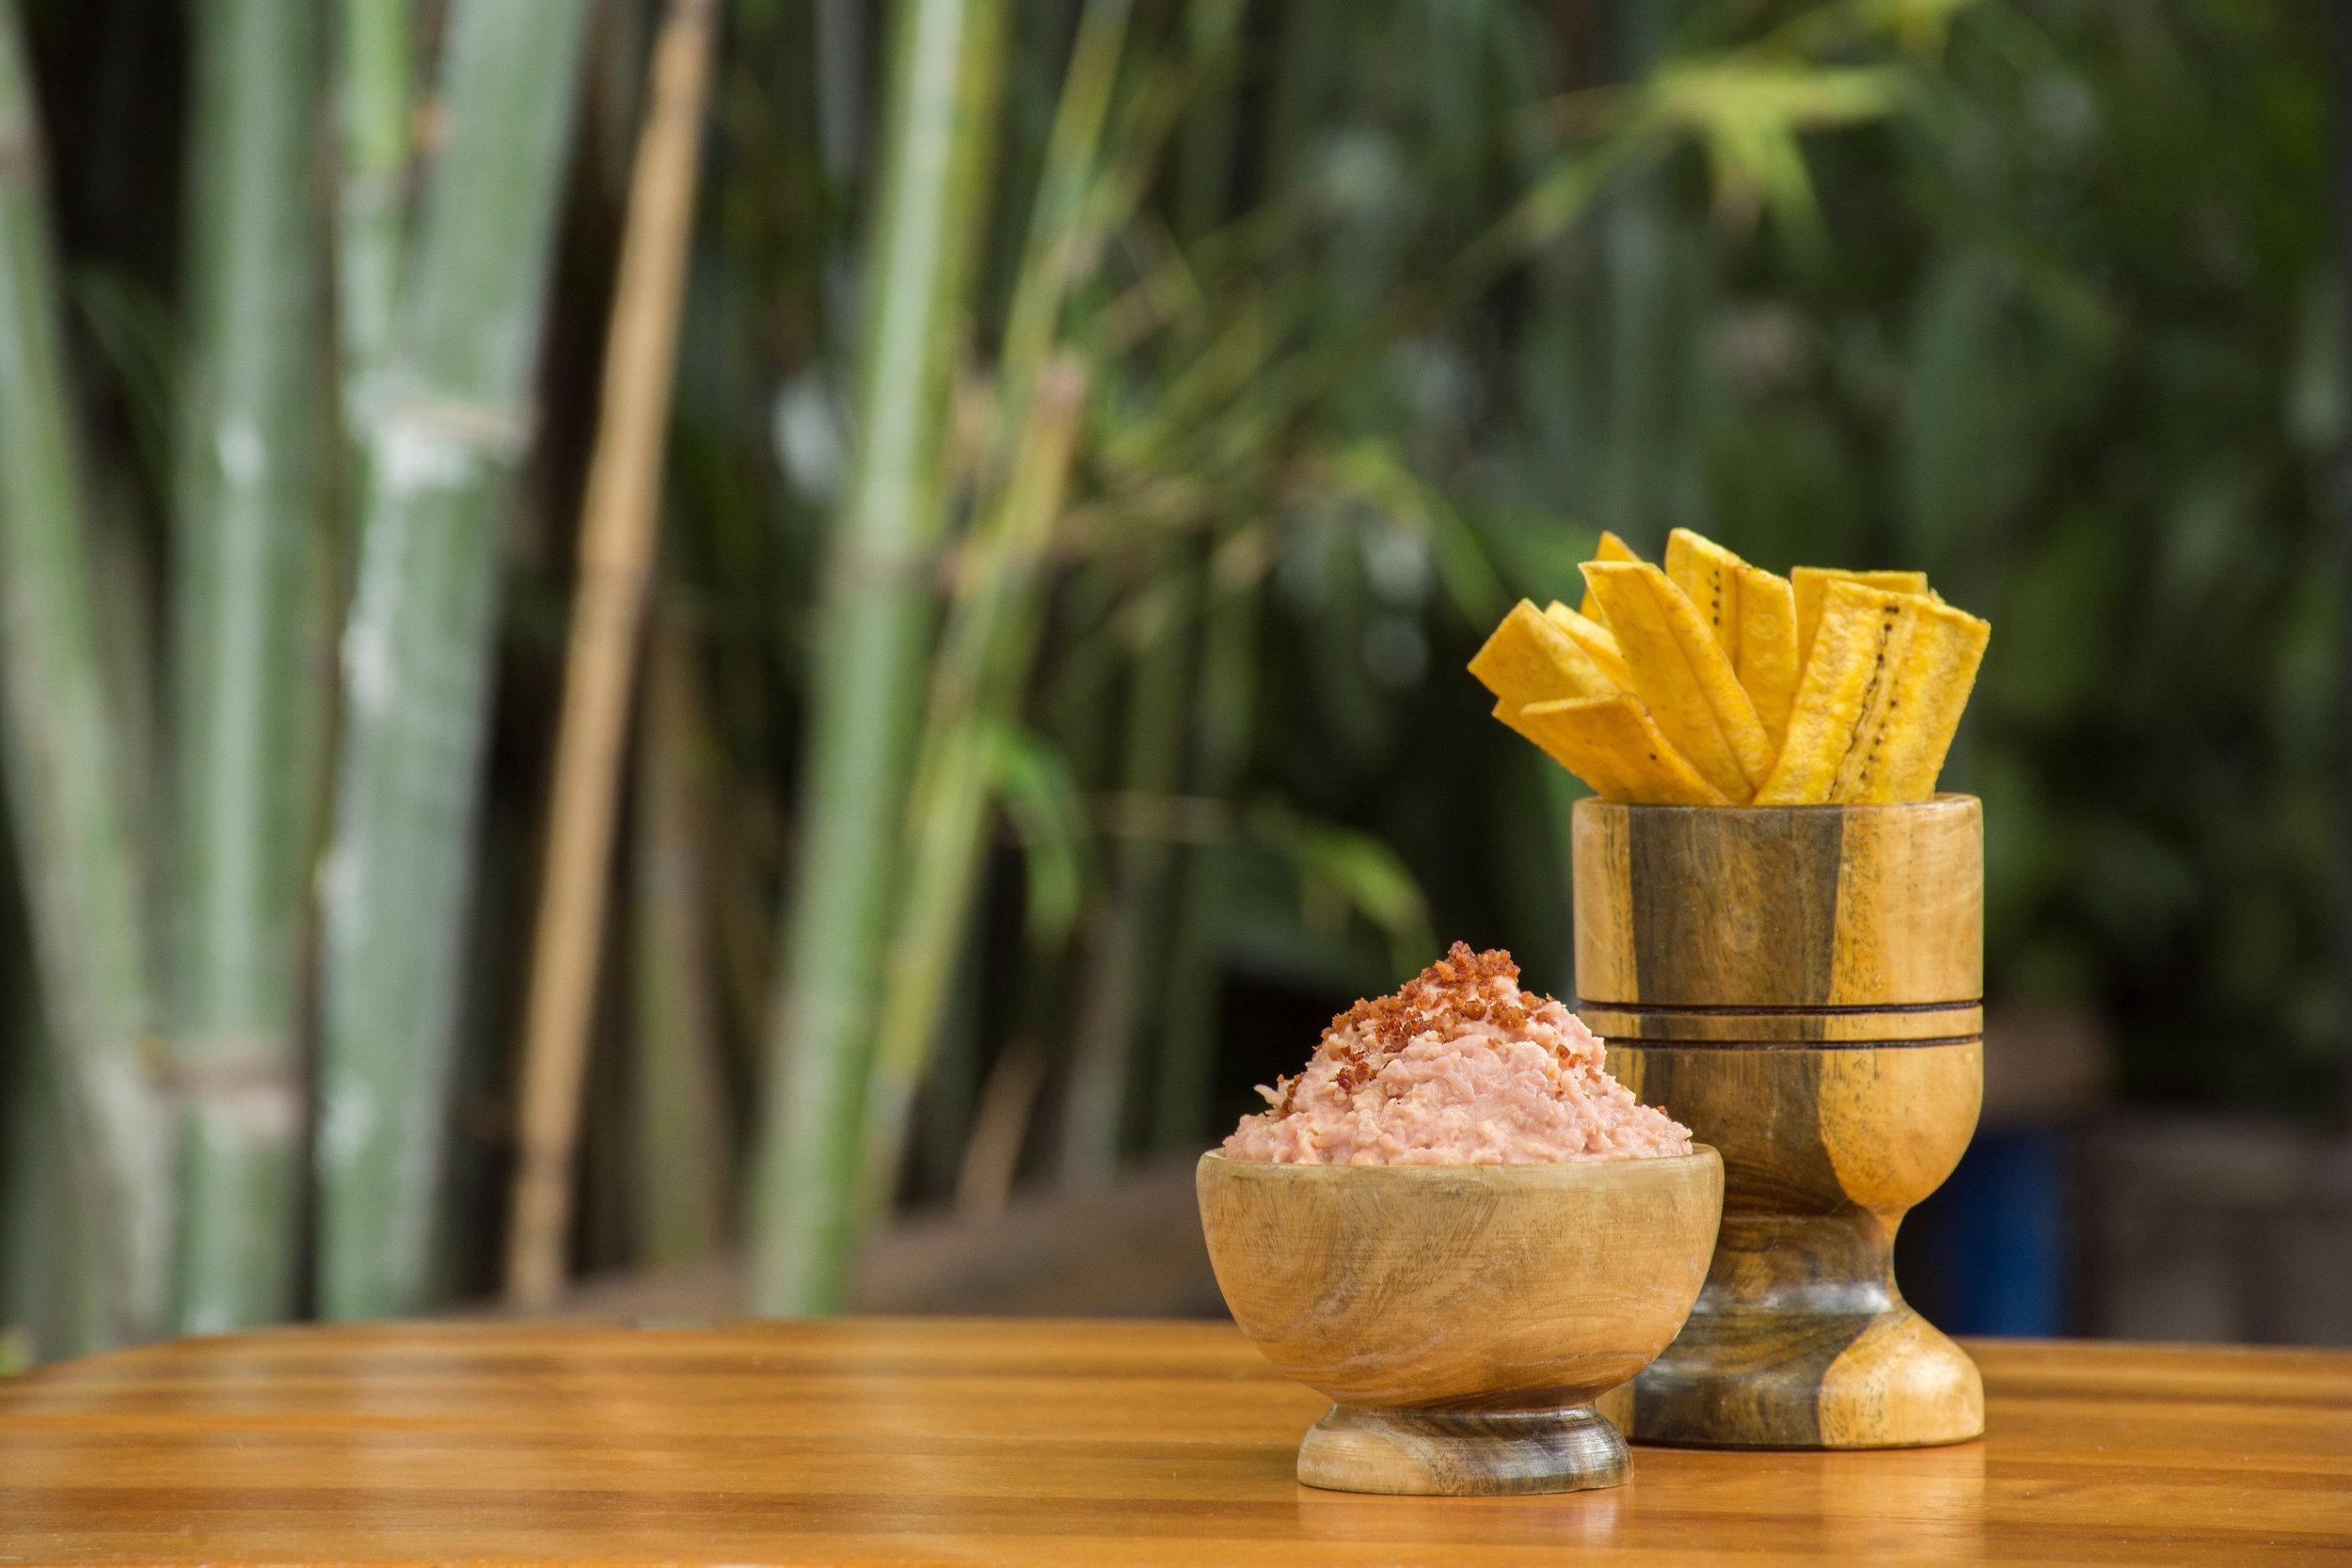 El Dip de Jamón York y Tocineta está acompañado de unas ricas chatarritas de plátano.